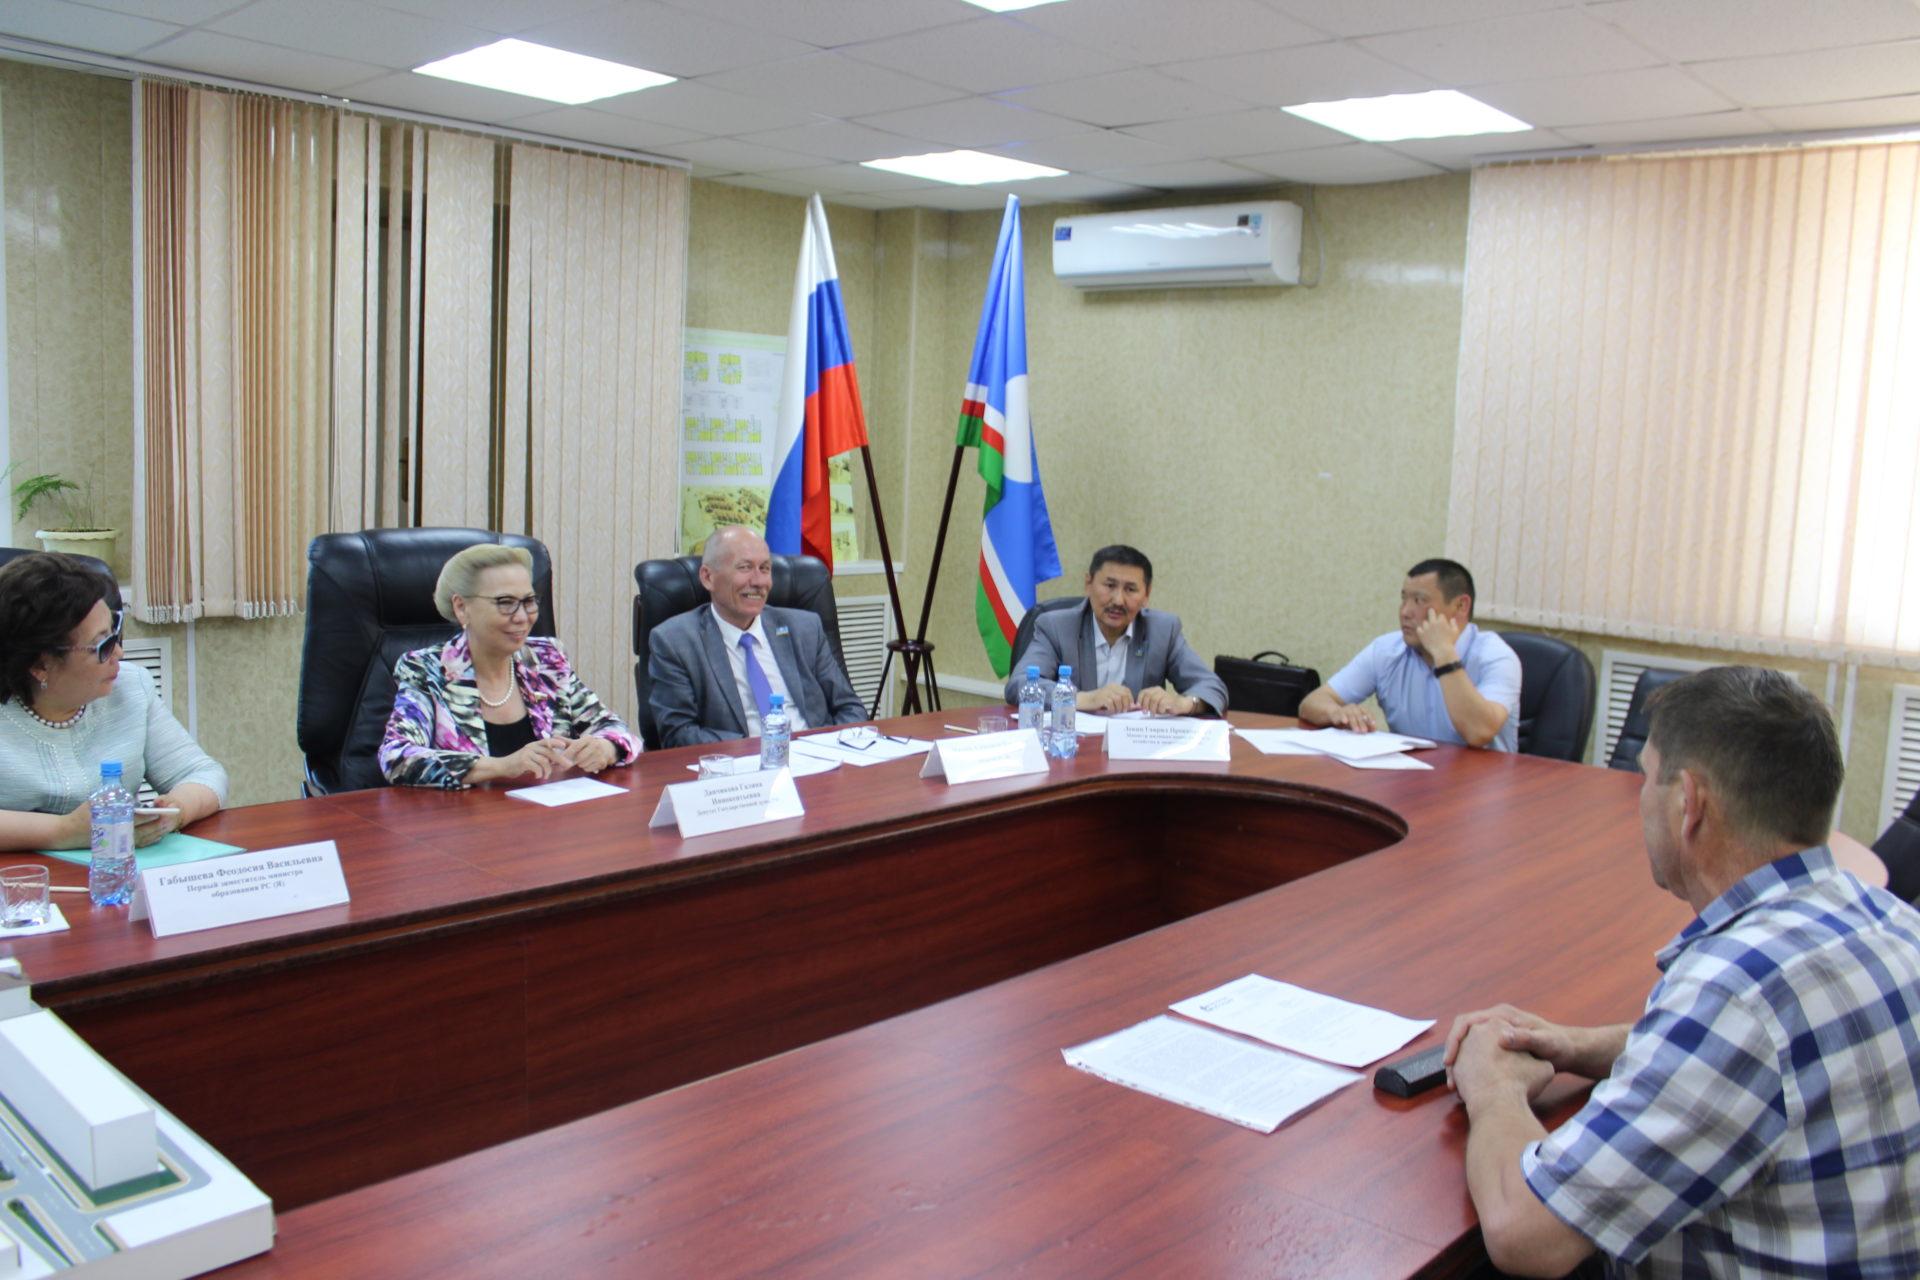 Галина Данчикова провела прием граждан в поселке речников Жатай